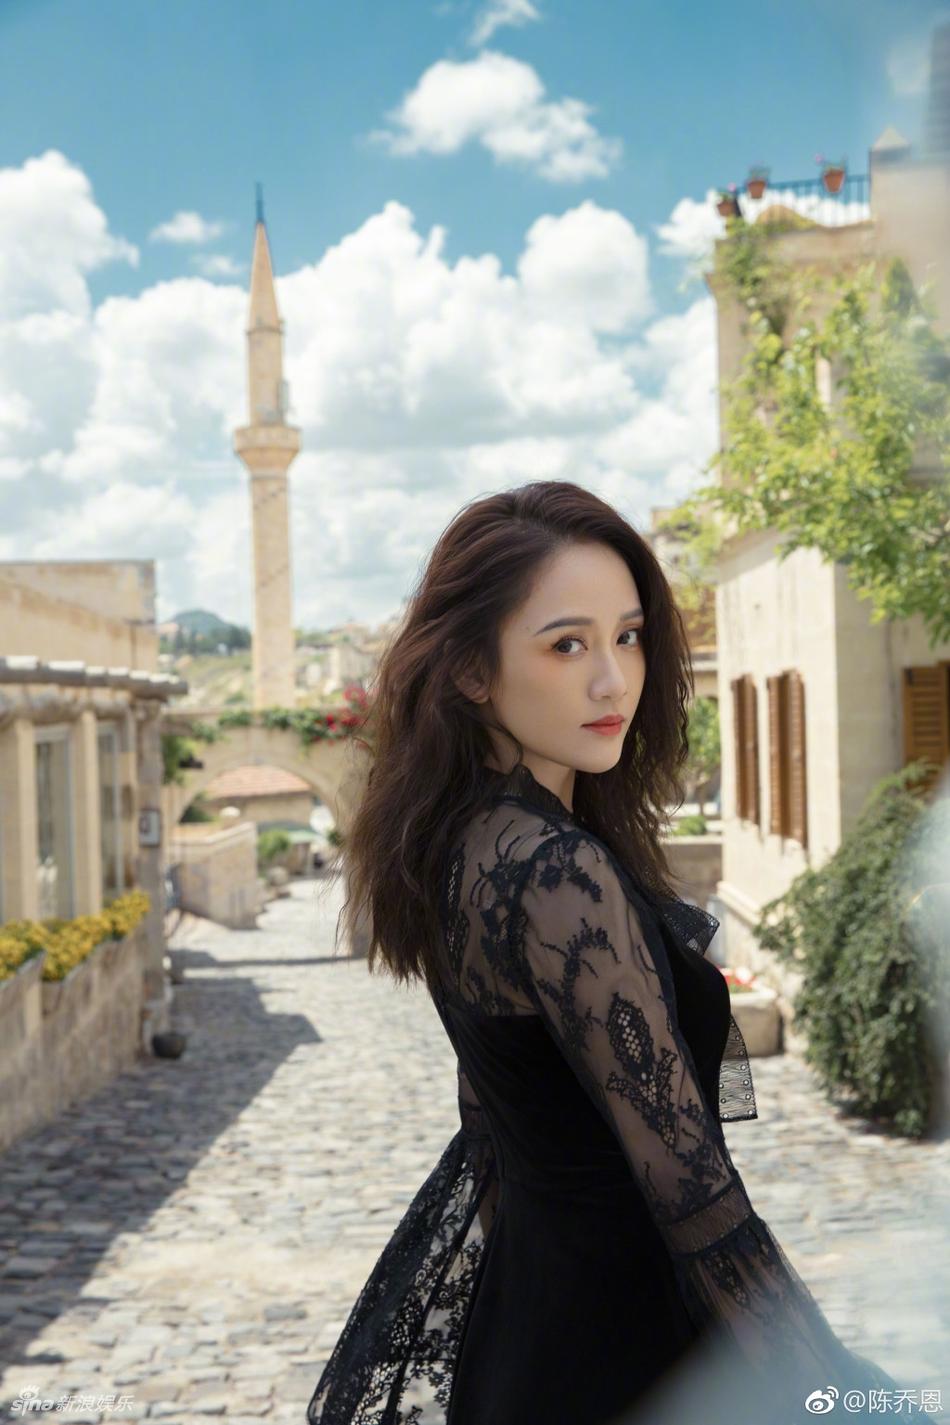 陈乔恩穿黑色蕾丝裙妩媚优雅 年近40保养得宜毫无岁月痕迹